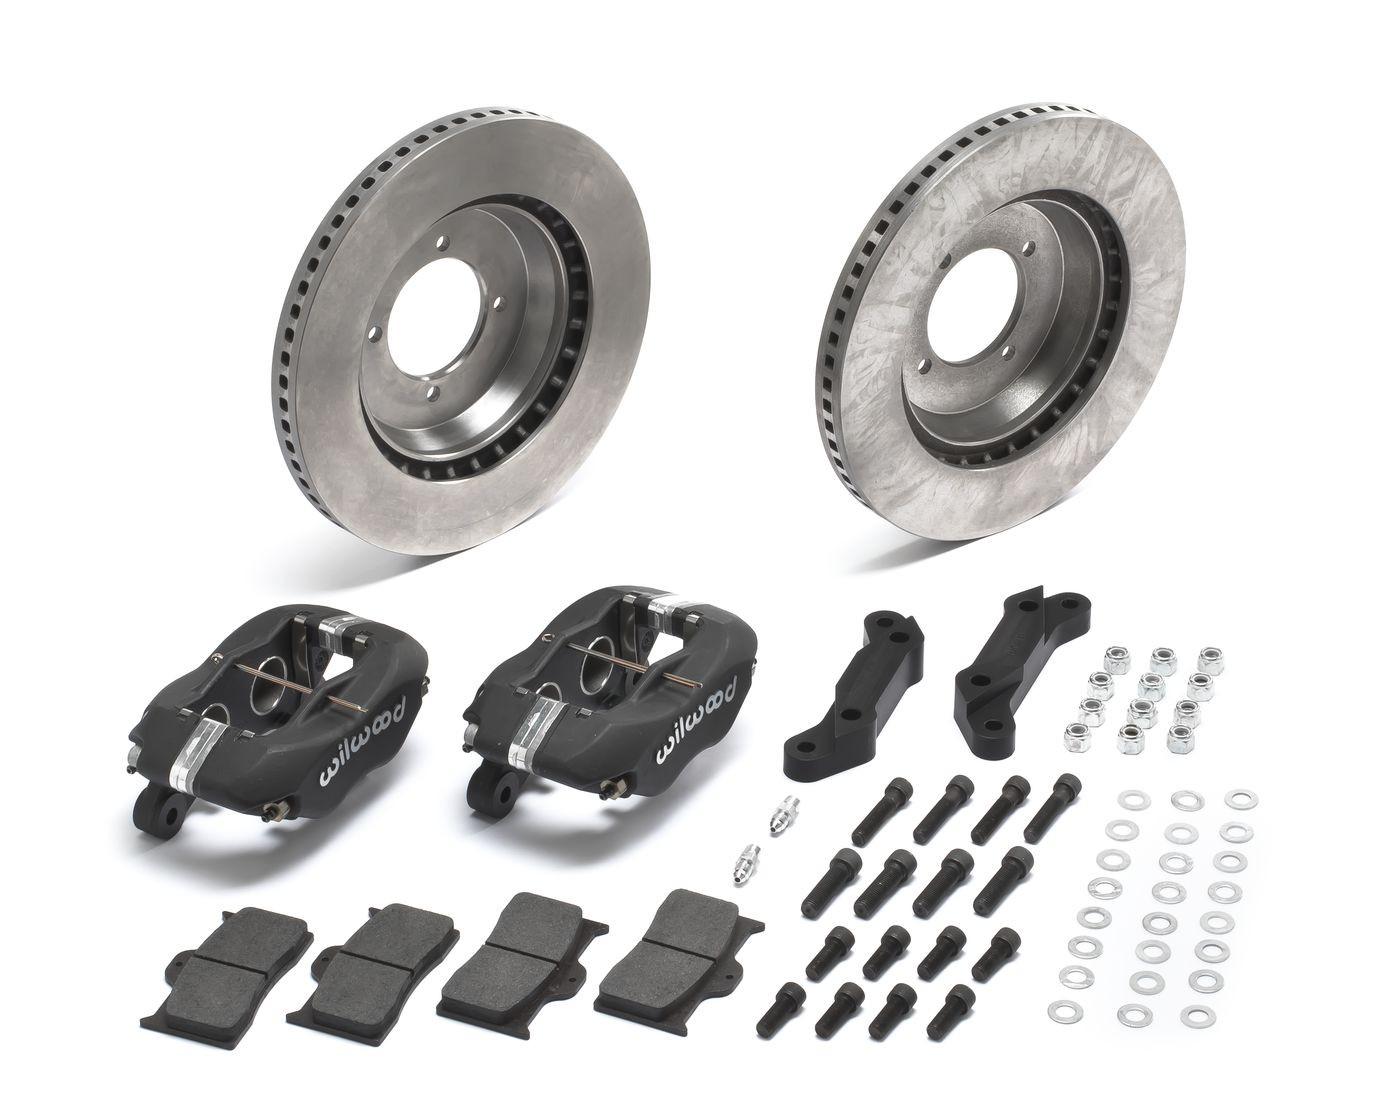 Brake conversion kit